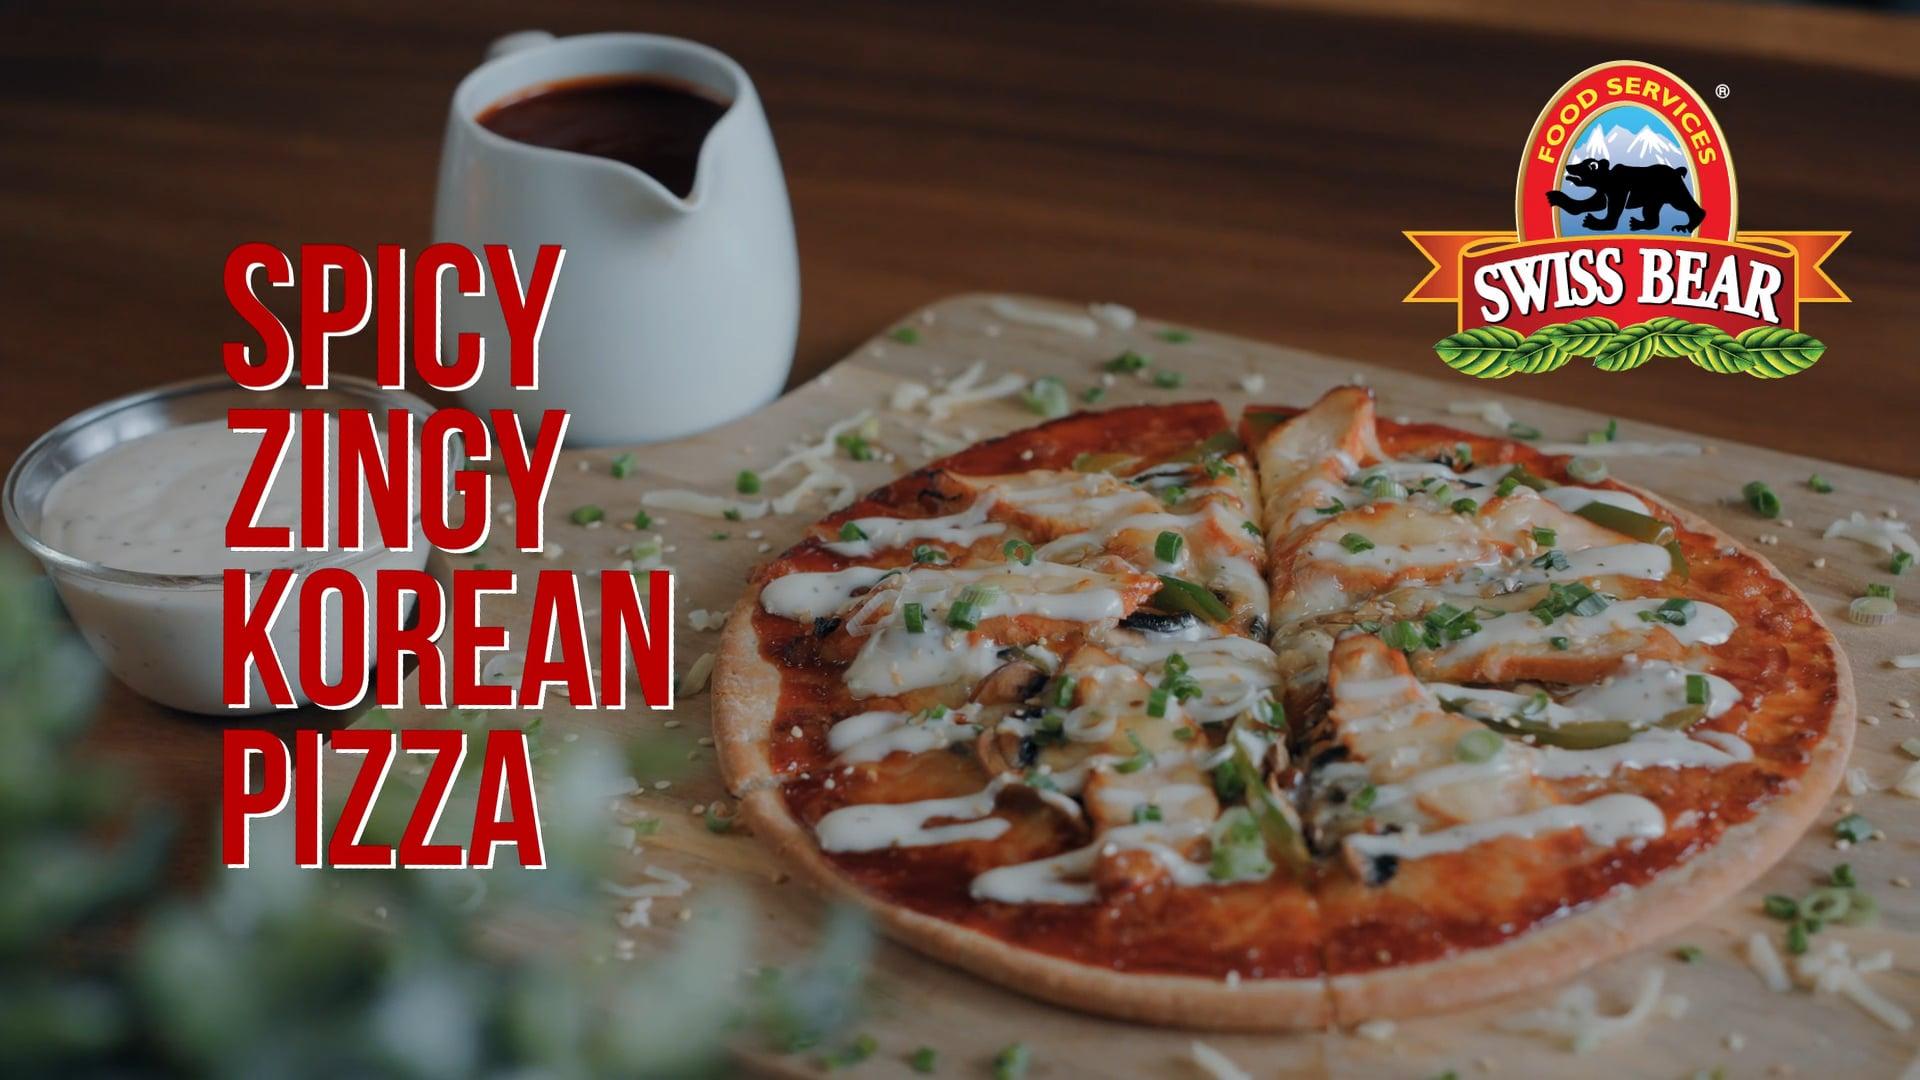 Swiss Bear: Spicy Zingy Korean Pizza